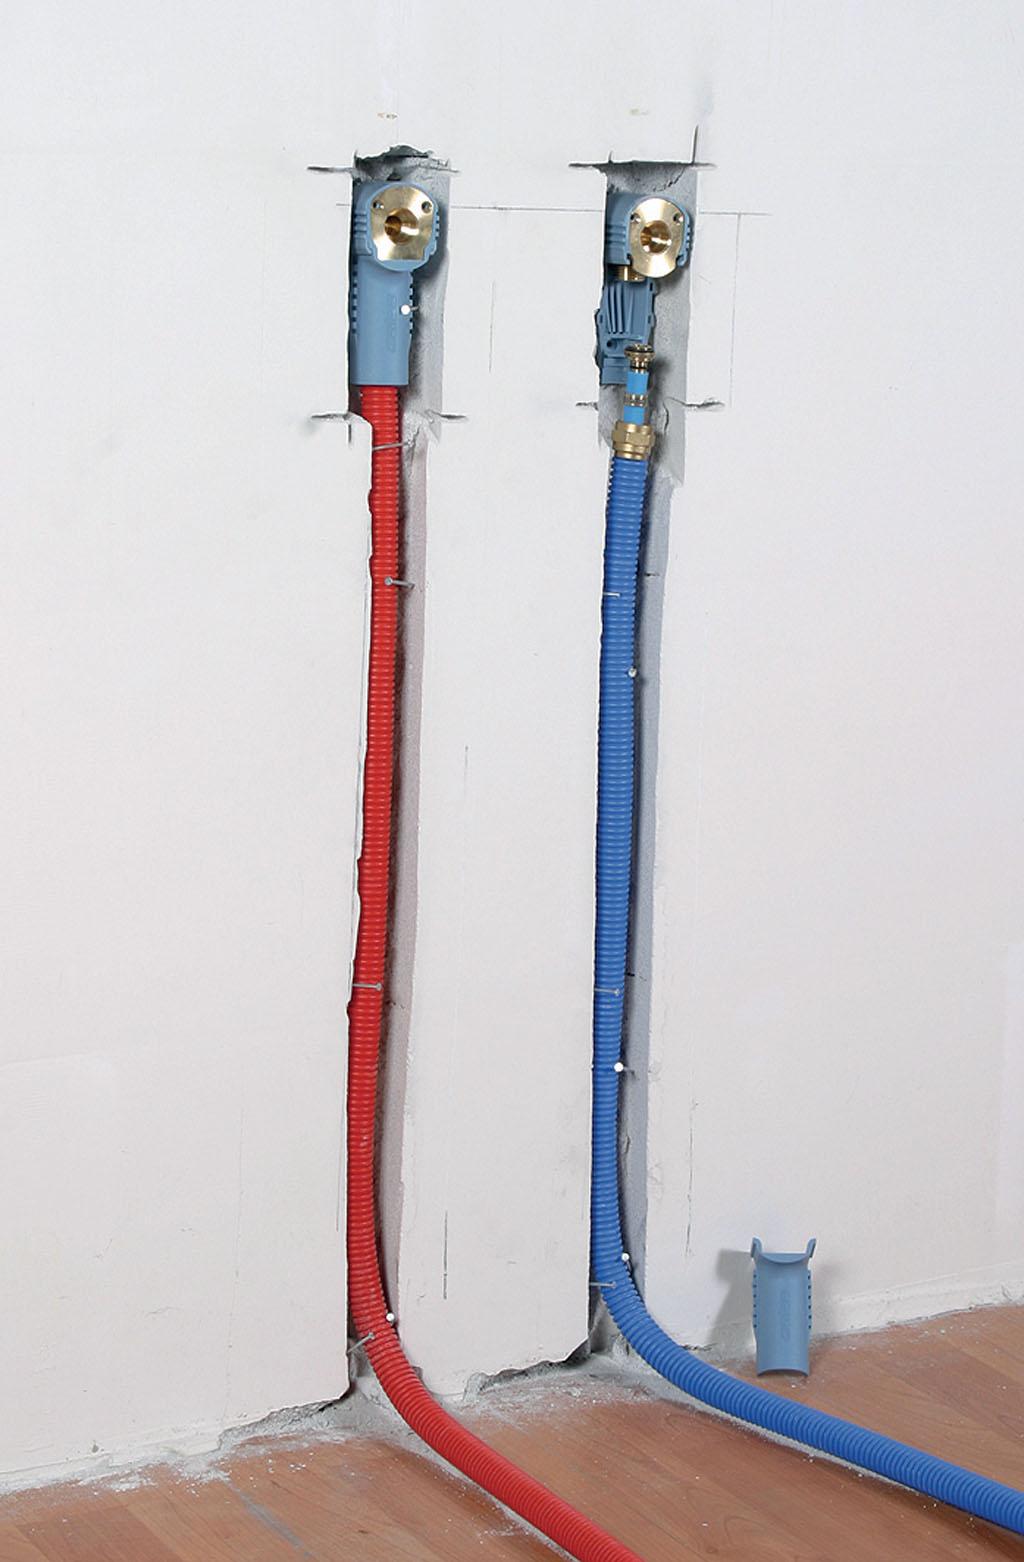 Plomberie : les matériaux et raccords